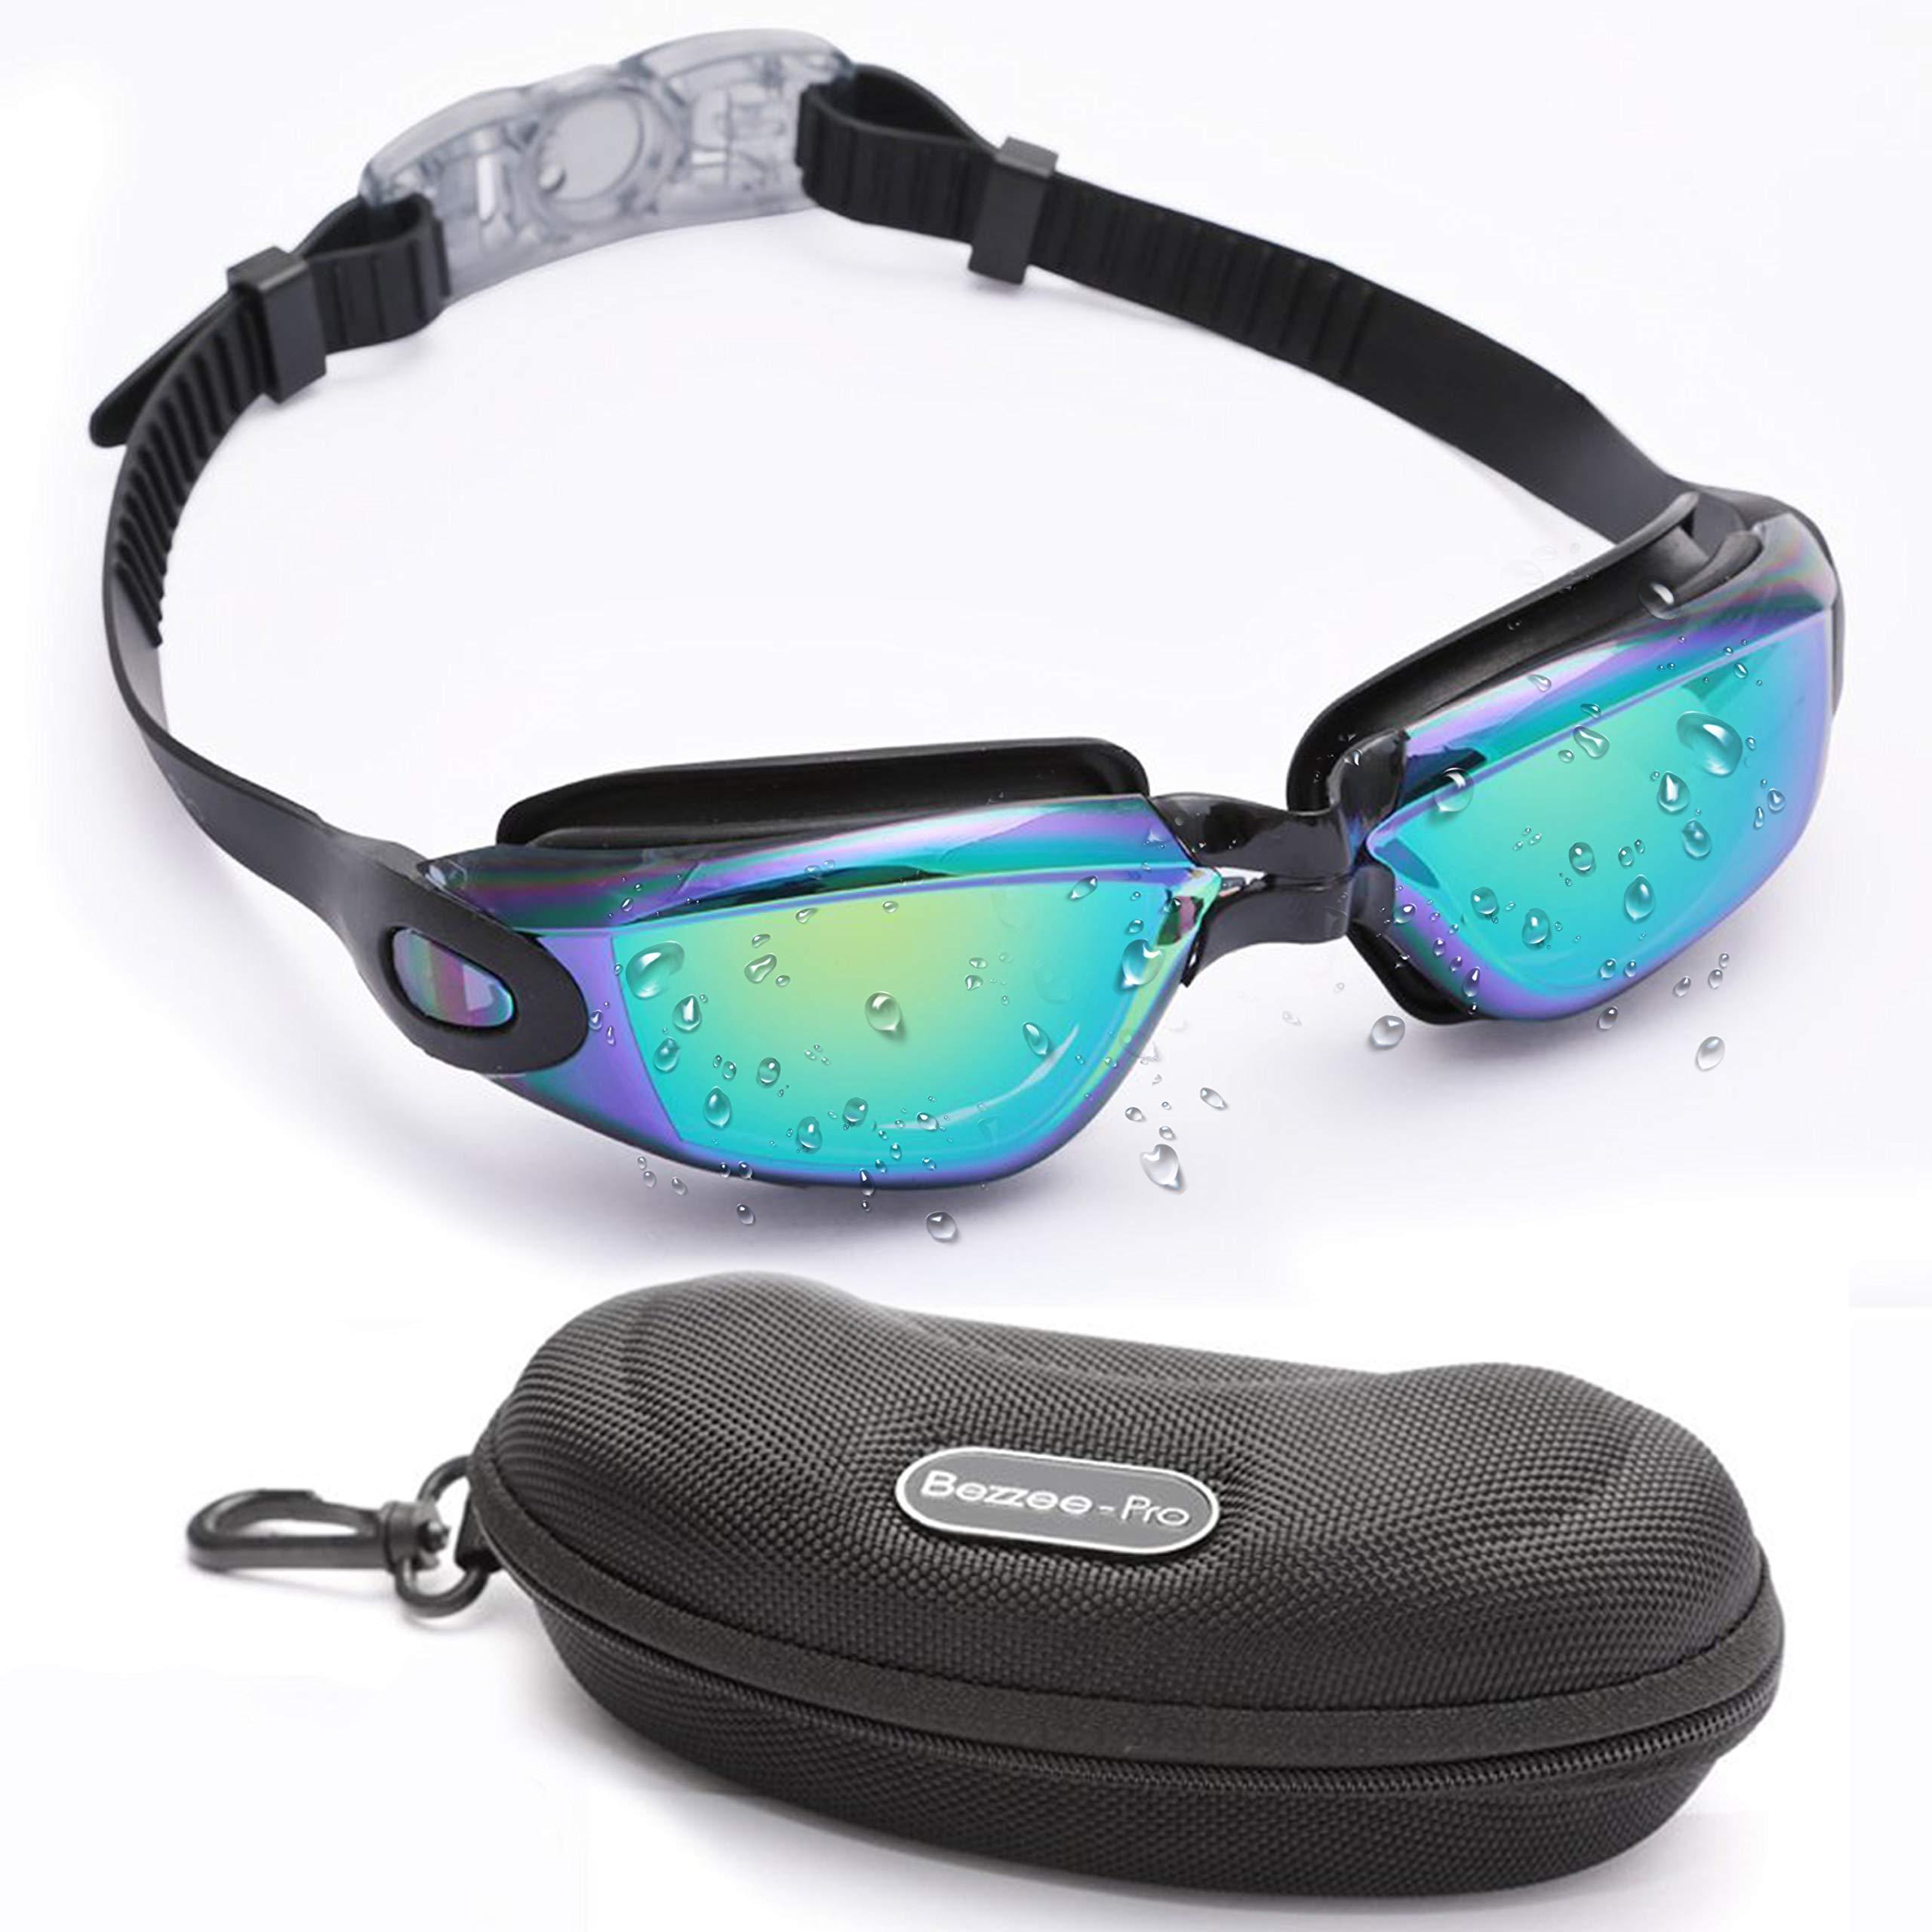 2c80d92ab2f8a Bezzee-Pro Schwimmbrille, Taucherbrille Wasserundurchlässig mit  Anti-Beschlag Beschichtung und Kostenlosem Schutz Etui